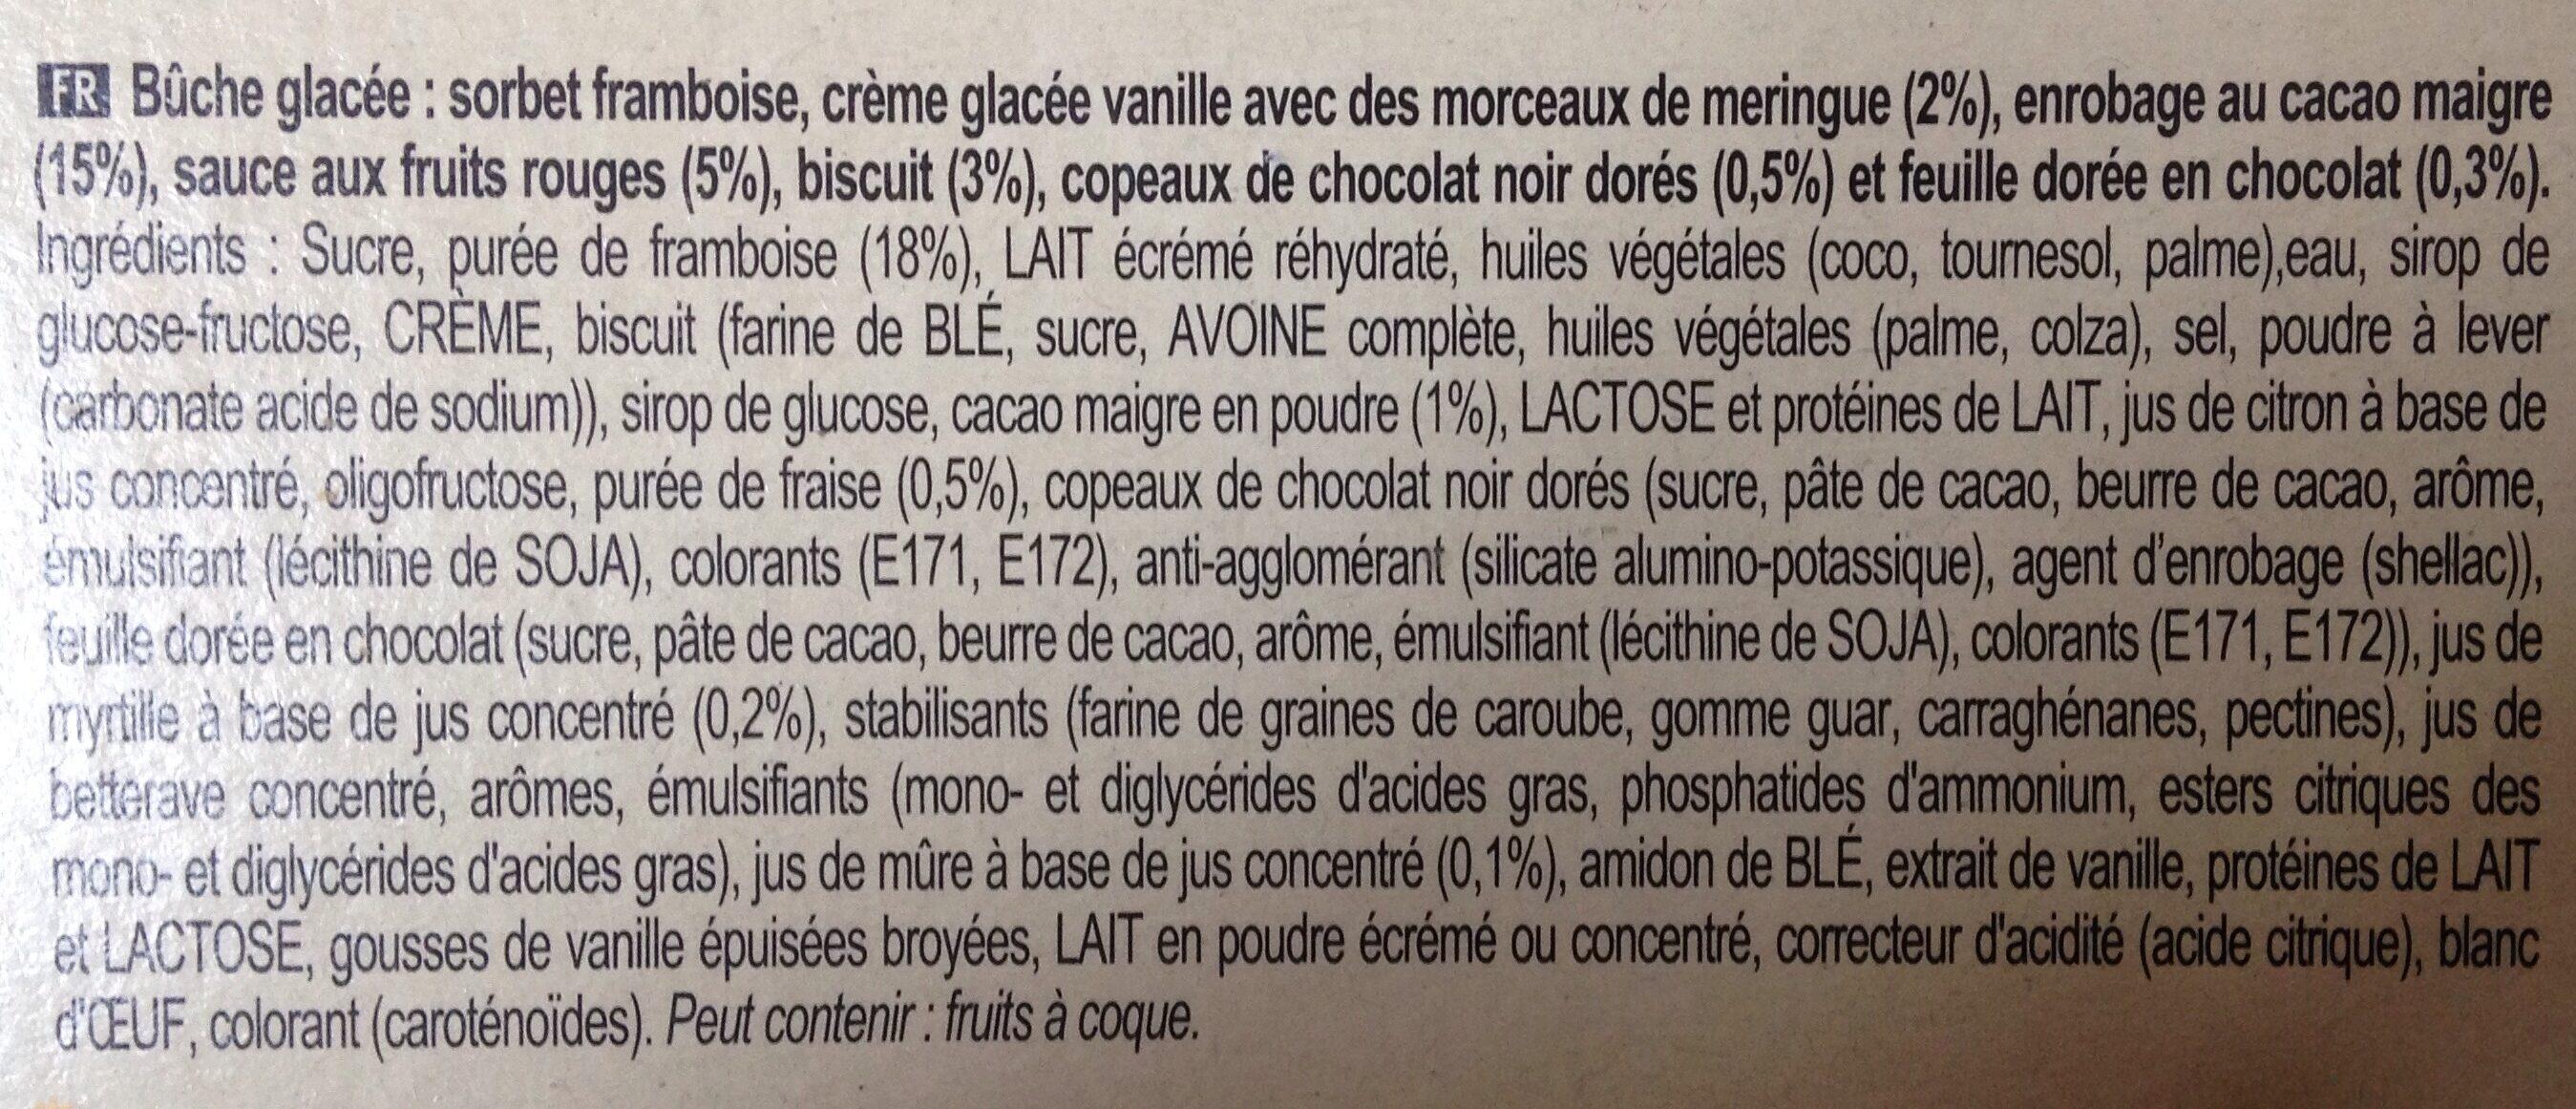 Carte D'or Façon Buche Glacée Façon Framboisier 9 parts 900ml - Ingredients